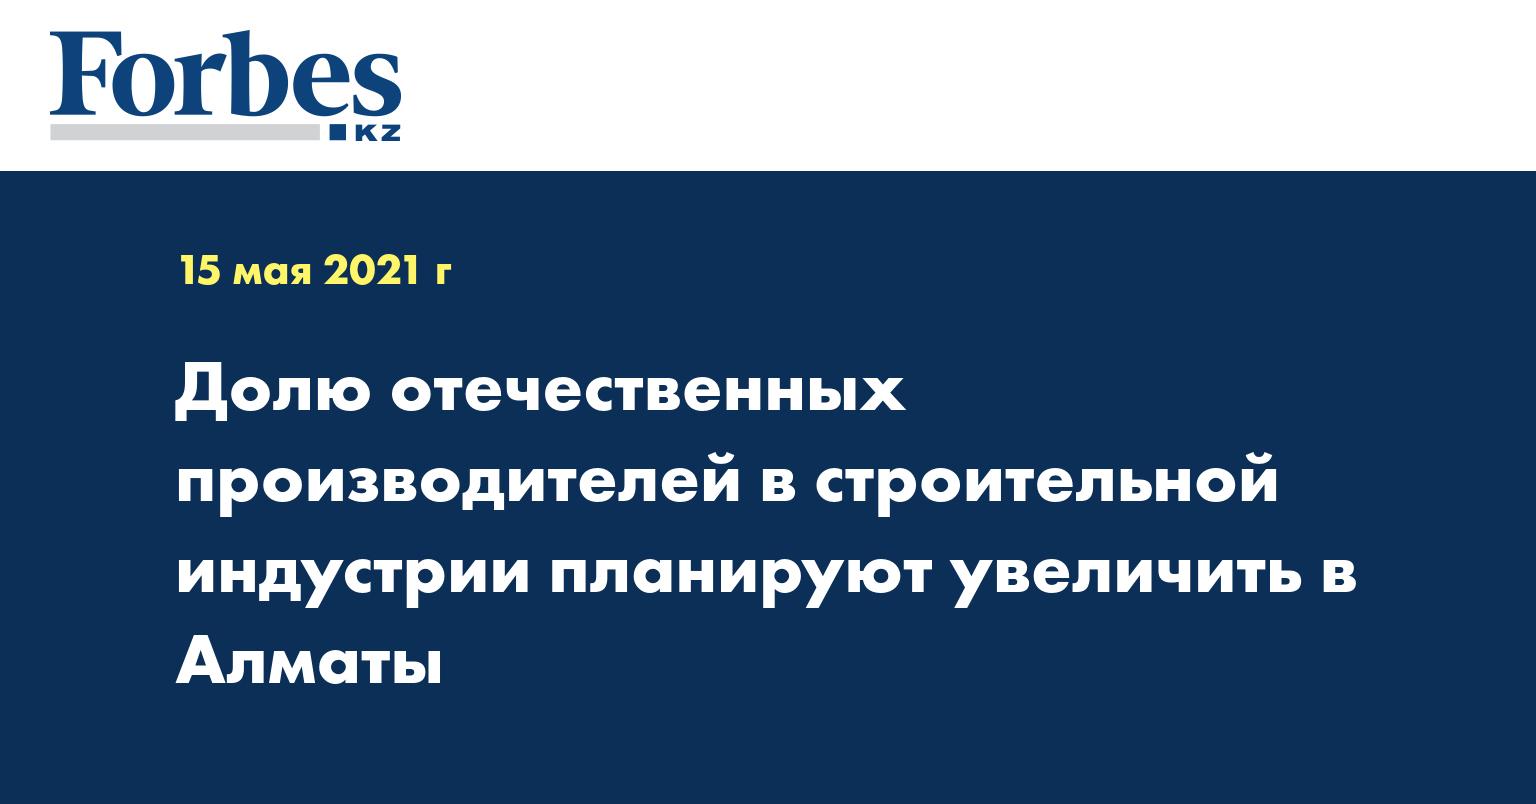 Долю отечественных производителей в строительной индустрии планируют увеличить в Алматы